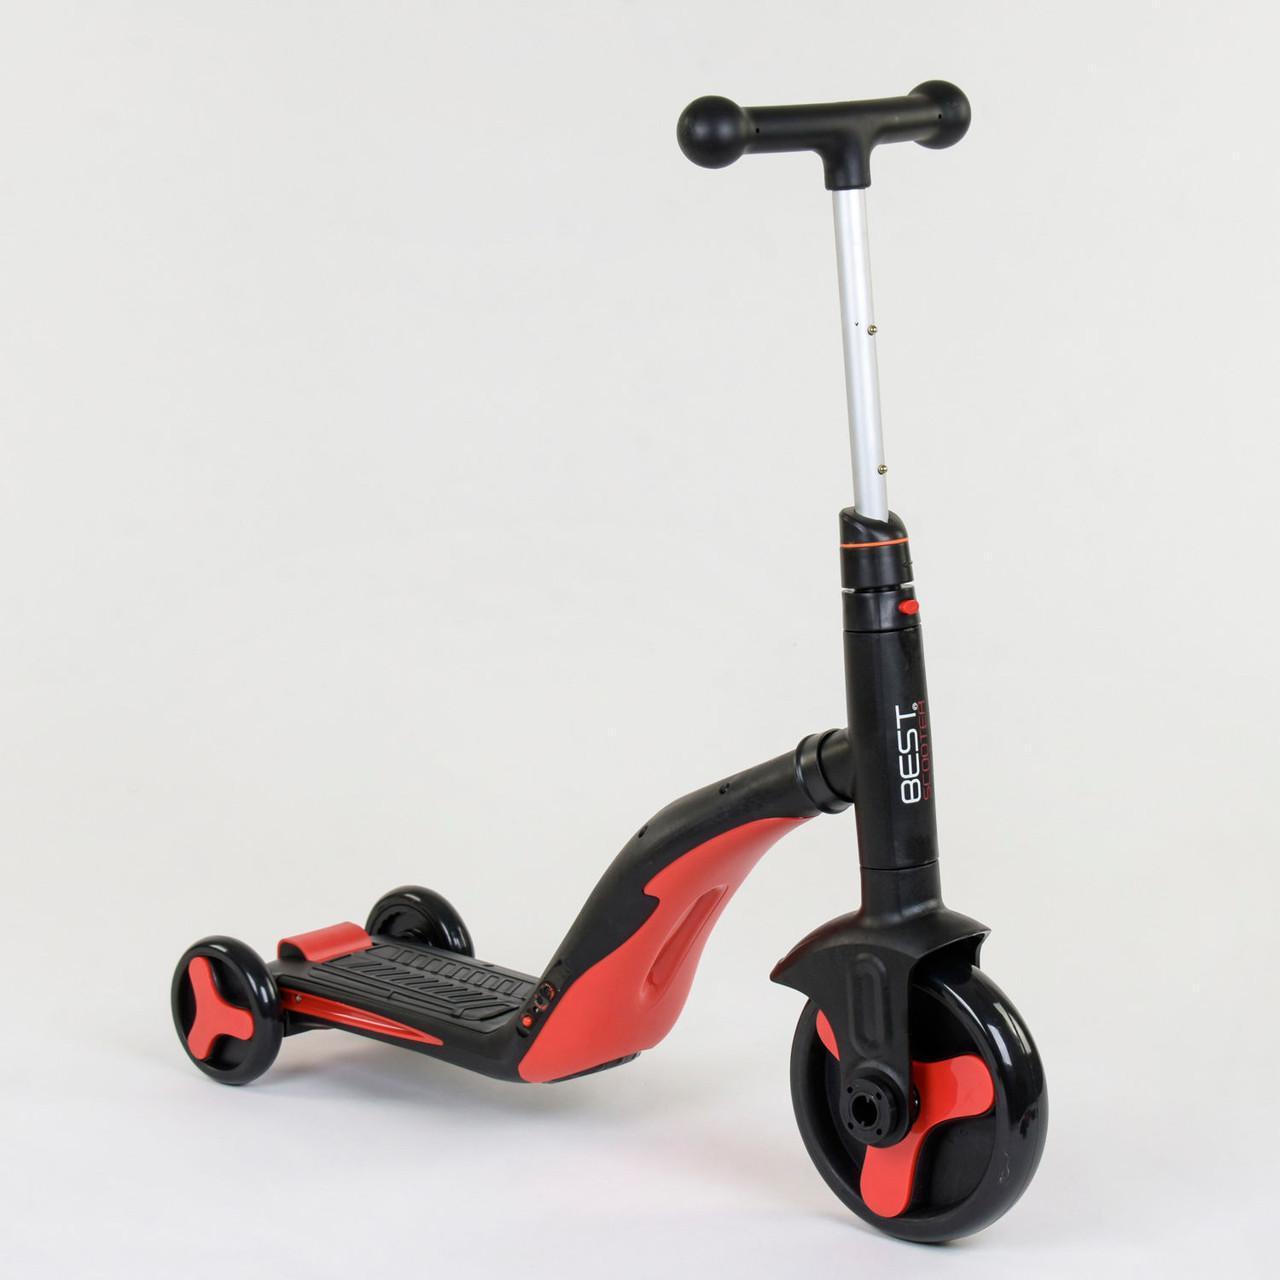 Дитячий самокат-велобіг від-велосипед 3 в 1 JT 28288 зі світловими і звуковими ефектами (8 пісень), червоний